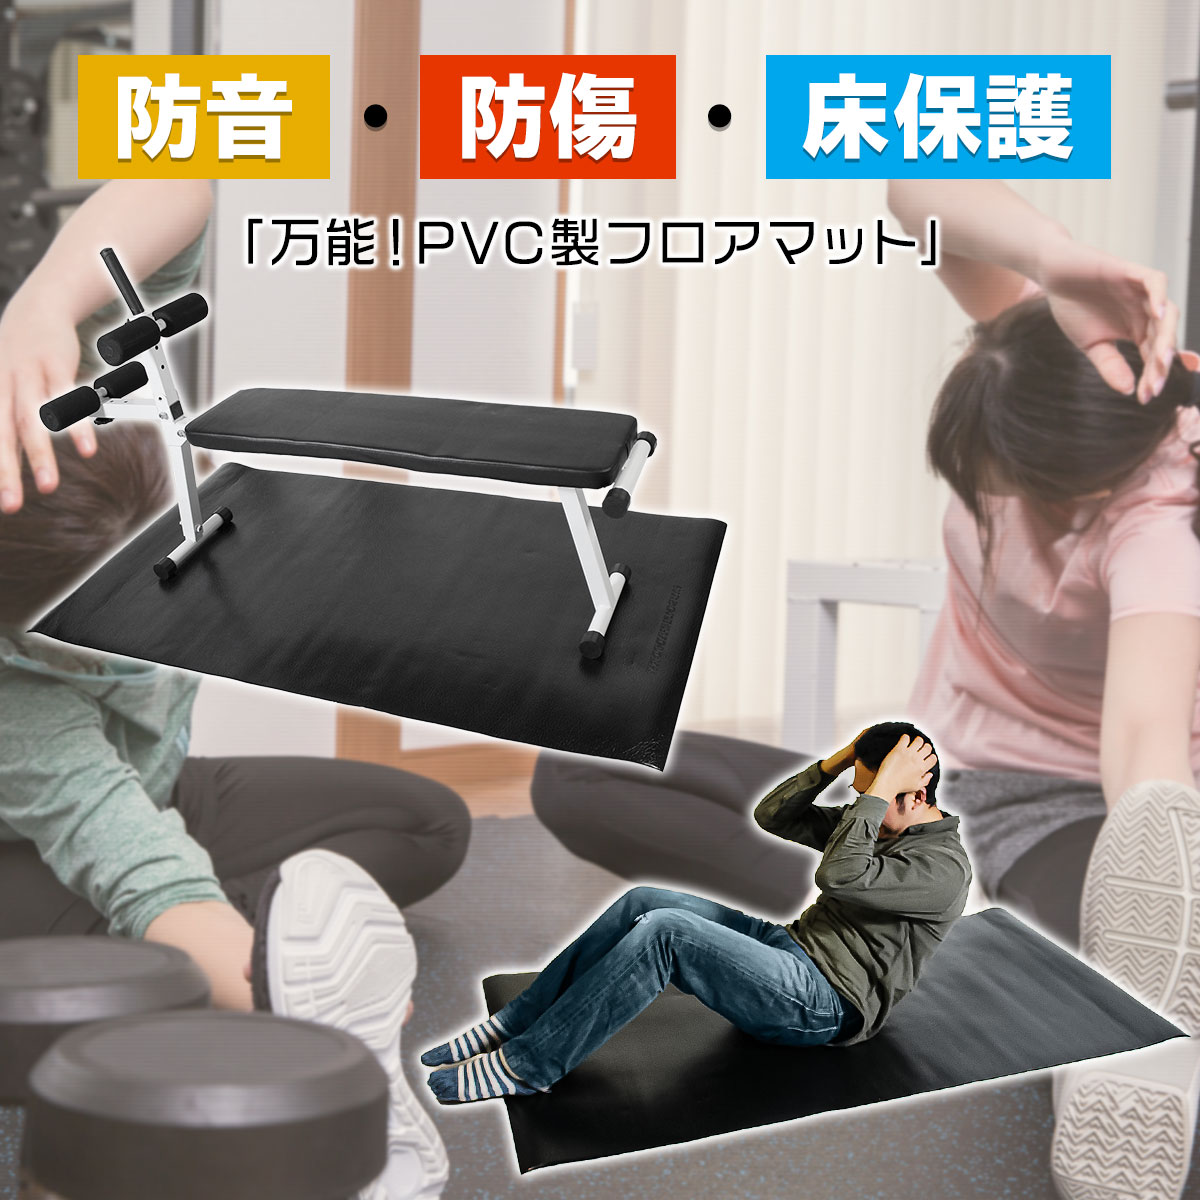 MUSCLE FACTORY フロアマット ベンチマット 筋トレ マット ヨガマット 床保護 PVC 2000*1000*4mm